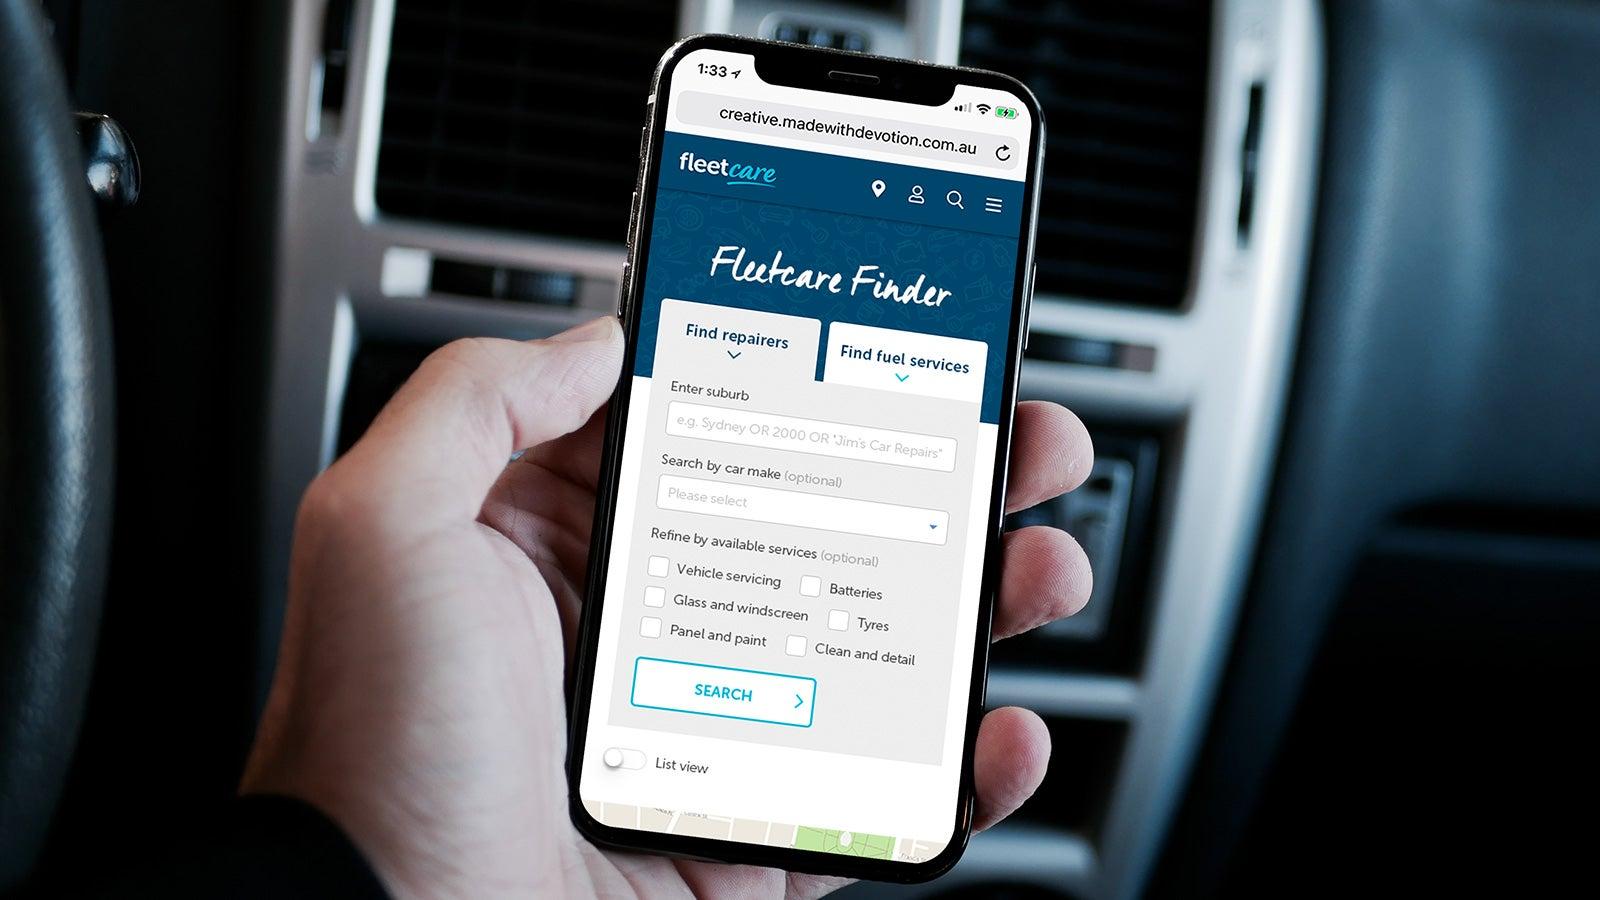 Fleetcare   Fleetcare Finder on a smartphone   Devotion